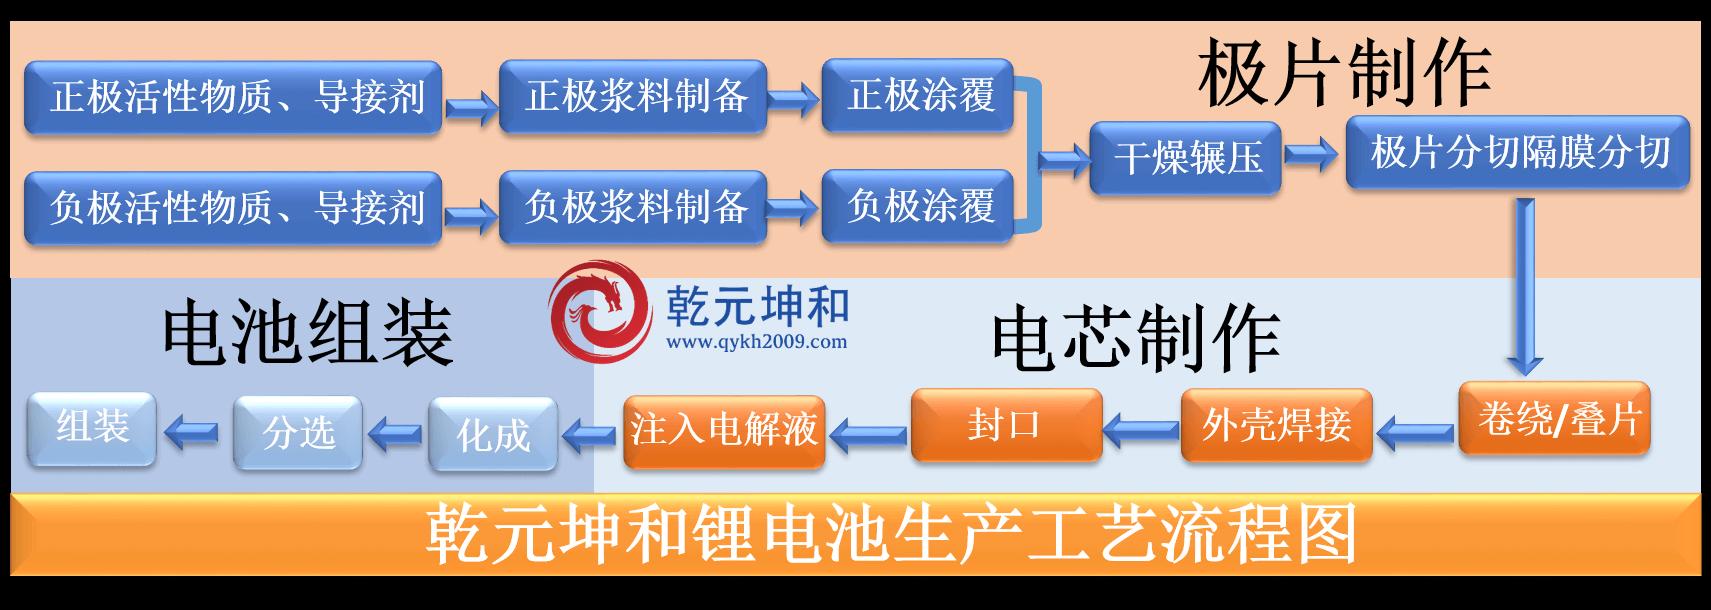 锂电池生产工艺流程